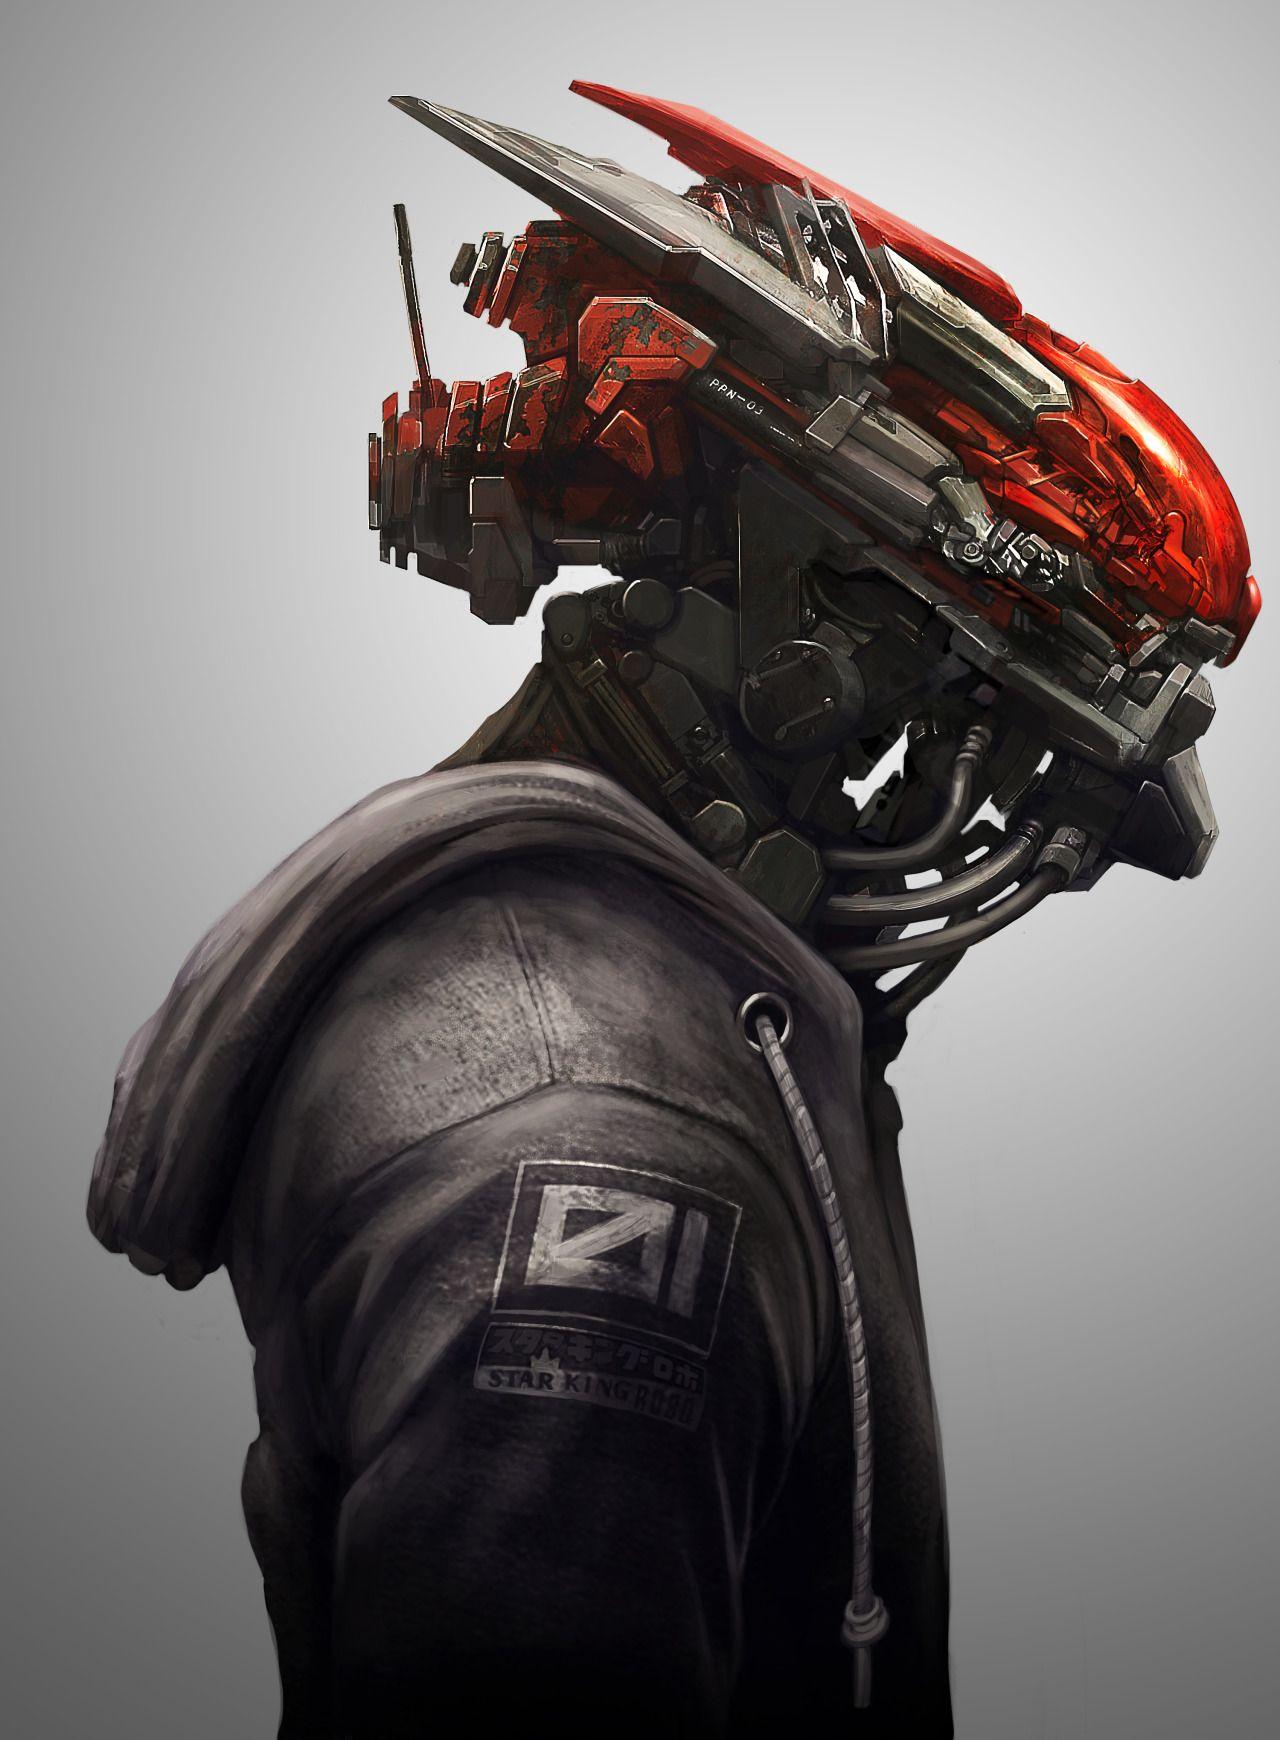 Science Fiction Cyberpunk Art Cyberpunk Science Fiction Art